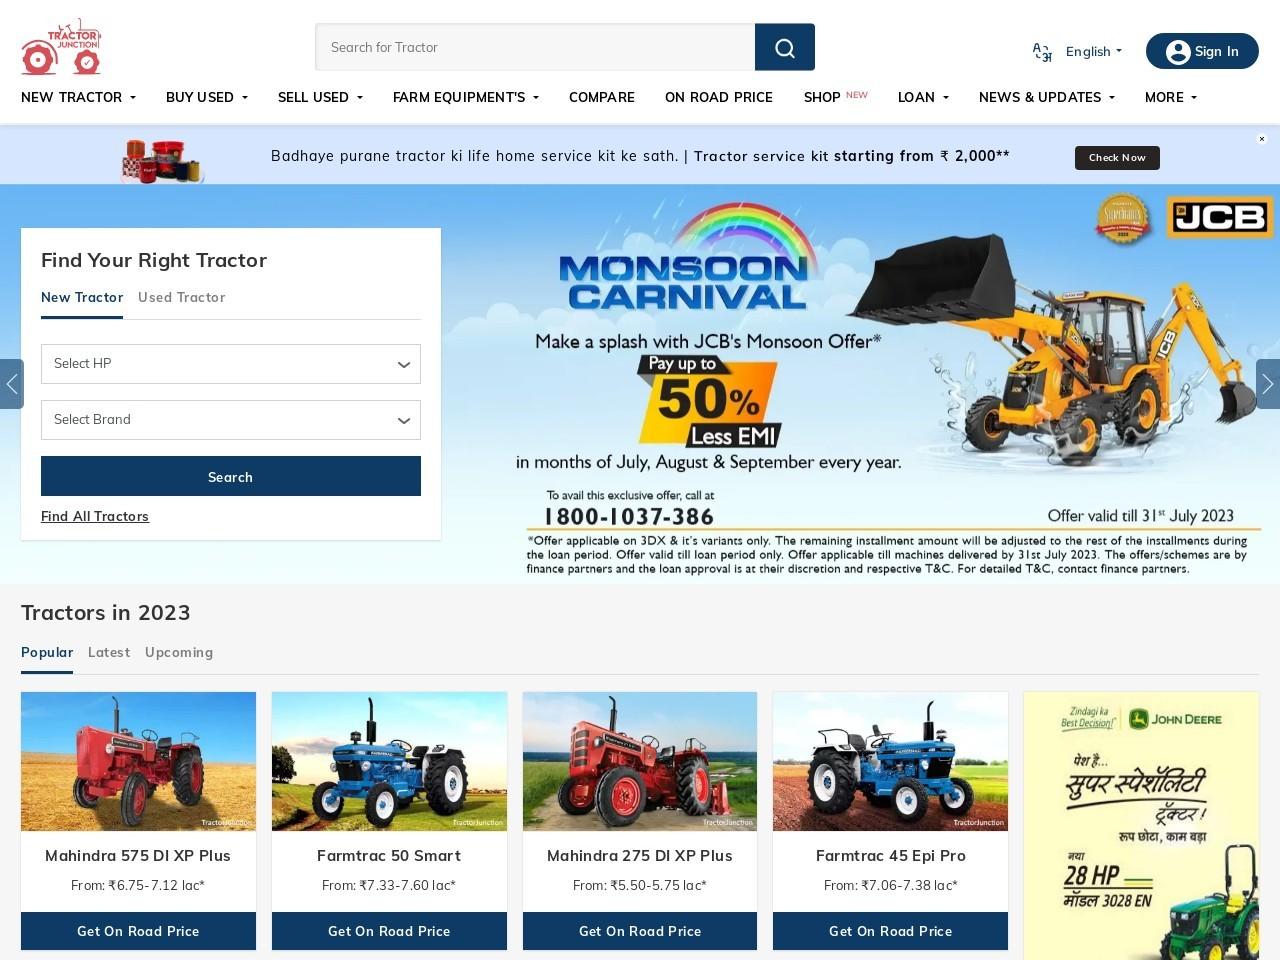 kubota mu4501 Tractor Price in India